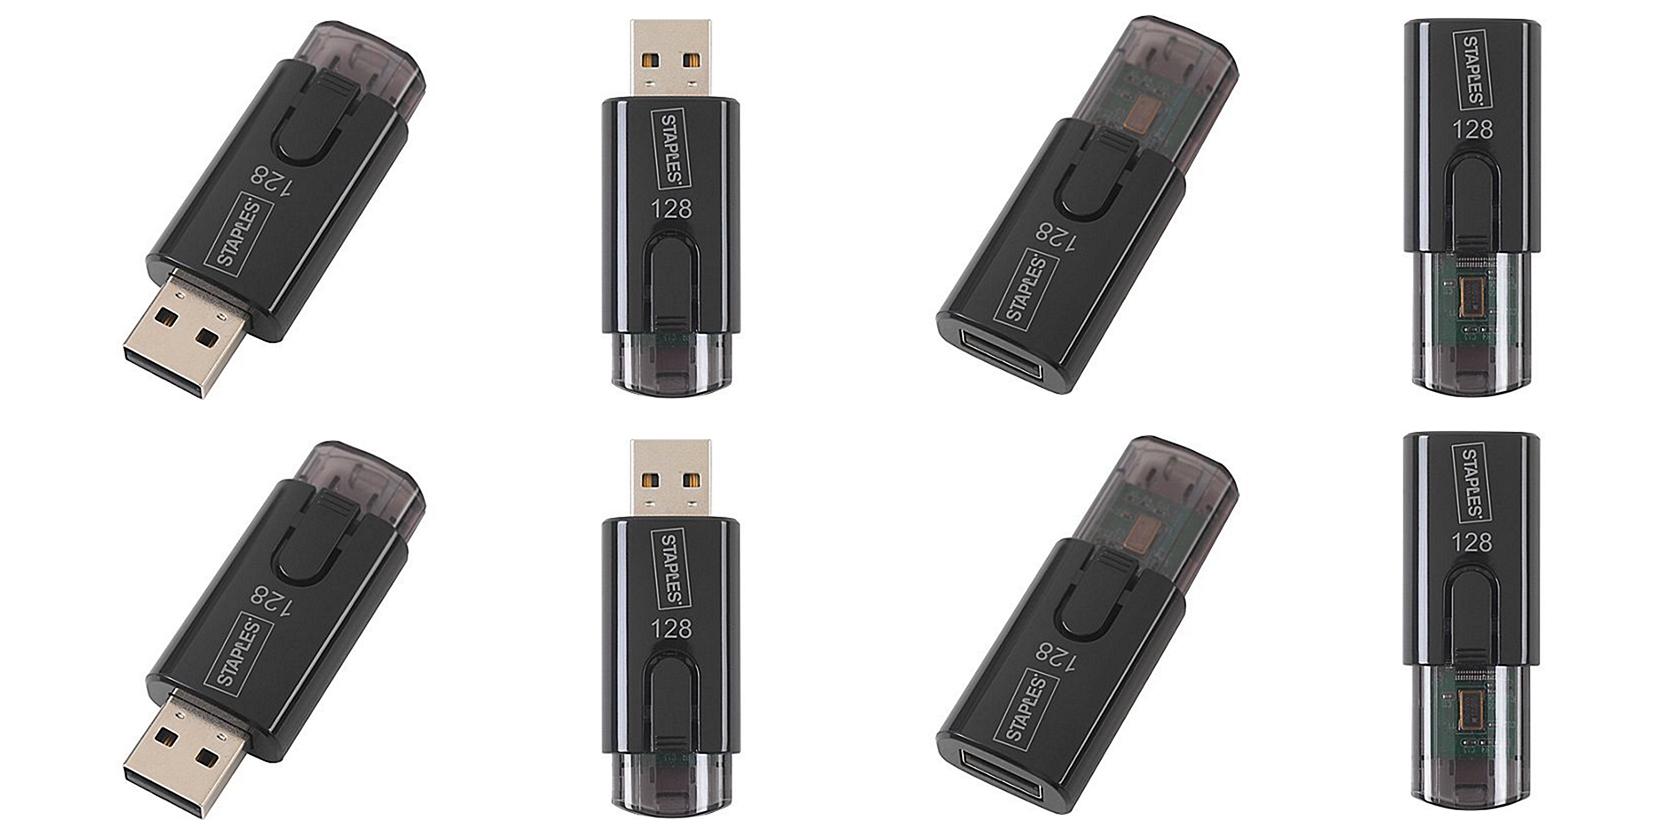 Flash drive deals staples